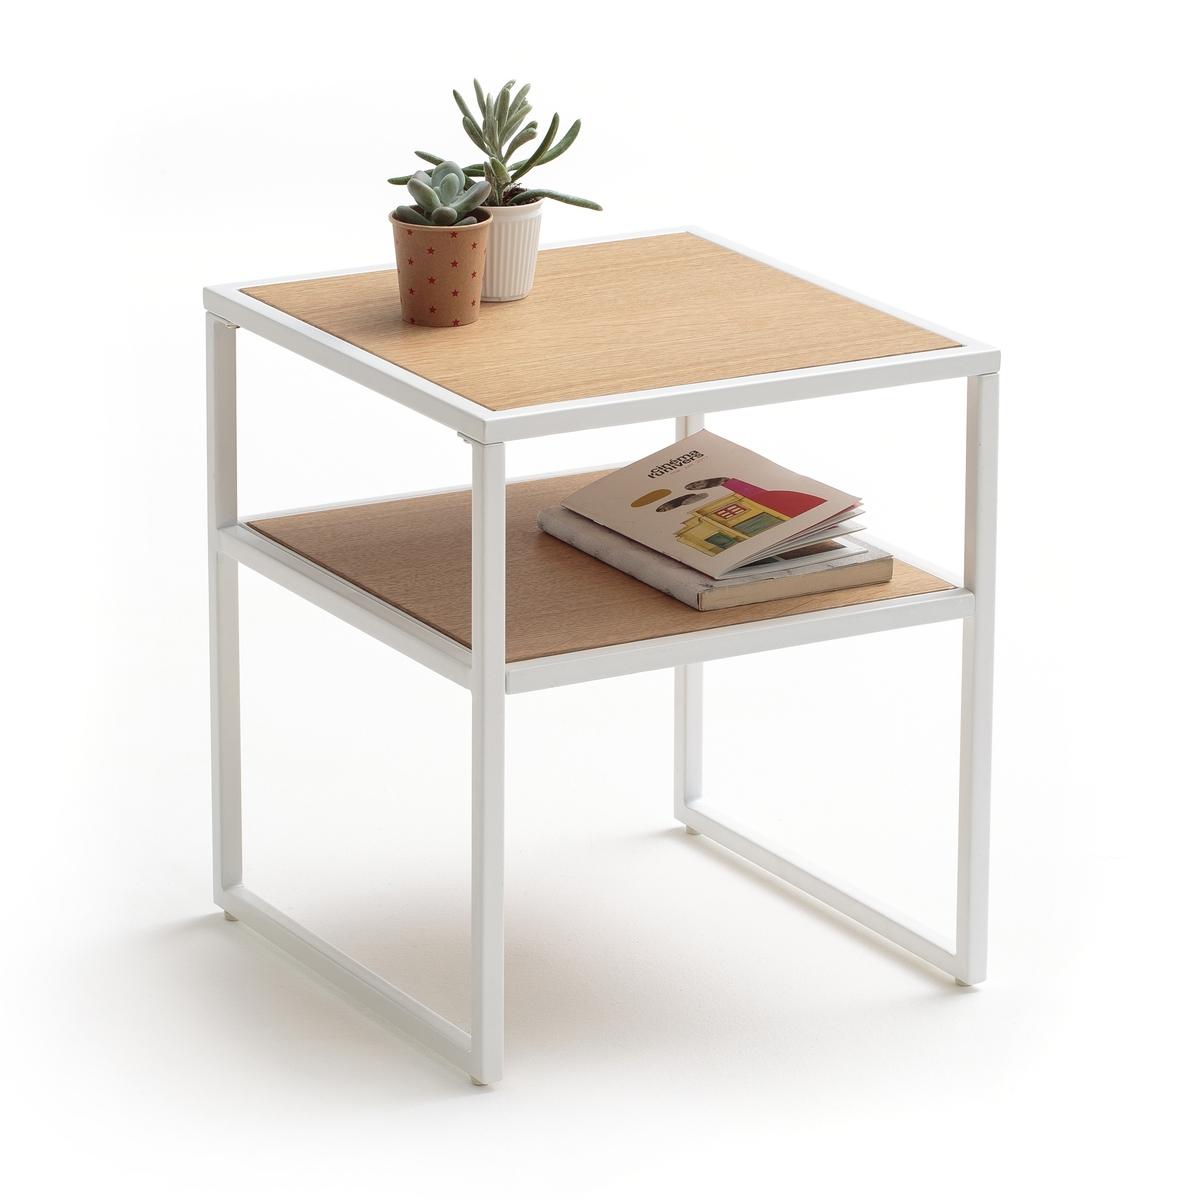 Столик прикроватный с двойной столешницей  ELYOУтонченный прикроватный столик ELYO с двумя столешницами.Описание прикроватного столика ELYO :Двухцветный прикроватный столик с 2 столешницамиХарактеристики прикроватного столика ELYO :2 столешницыМеталлический каркас с лаковым эпоксидным покрытием.Столешницы из МДФ цвета дуба с ПУ отделкойДругие модели прикроватных столиков данной коллекции Вы найдете на laredoute.ruРазмеры прикроватного столика  ELYO :Общие :Ширина 35 смГлубина 35 см.Высота 40 см.Доставка :1 коробка47 x 42 x 16 смВес 5,7 кг<br><br>Цвет: белый/дерево